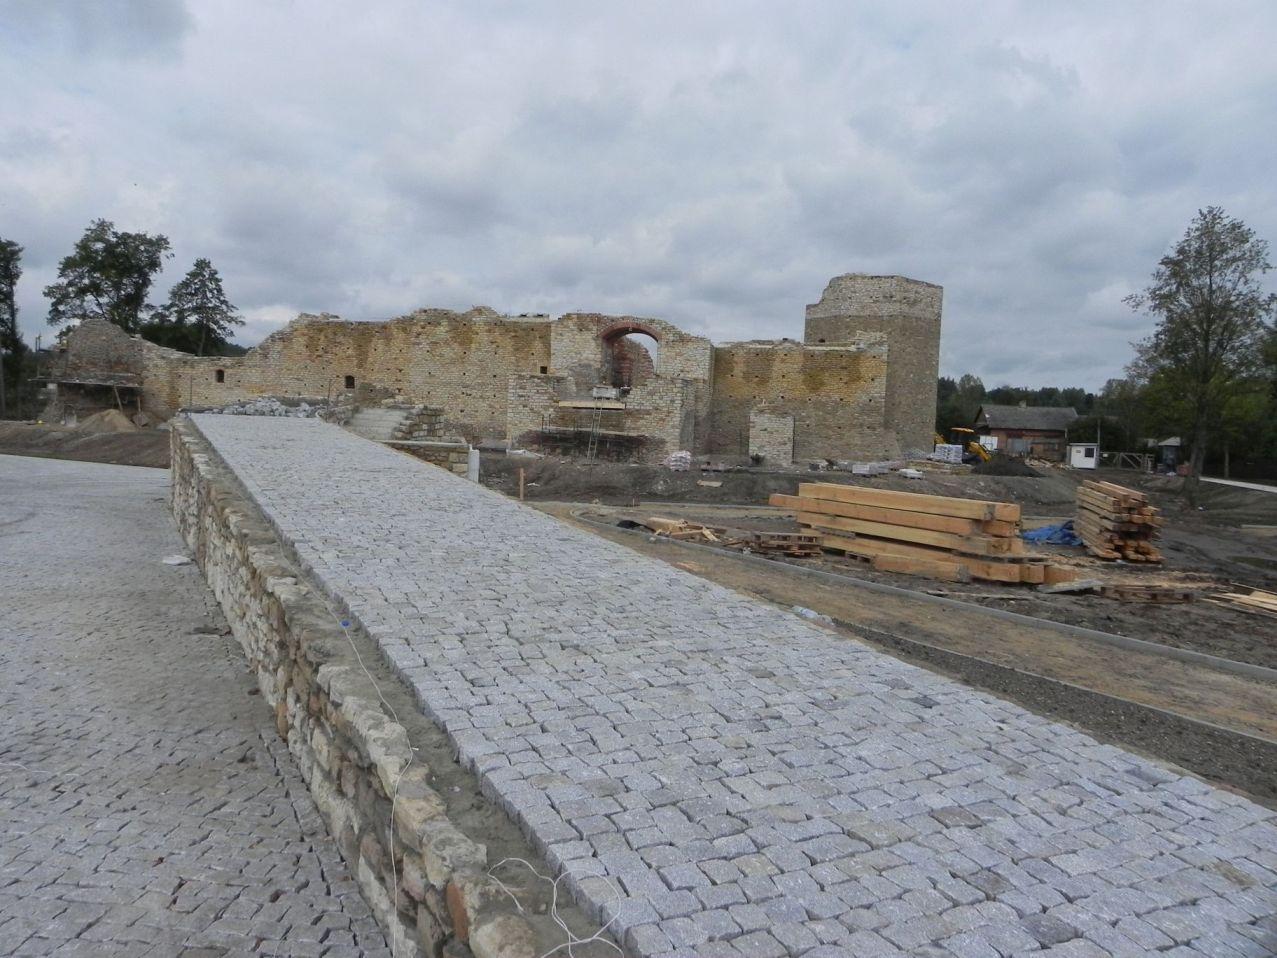 2012-09-16 Inowłódz - Ruiny zamku (11)